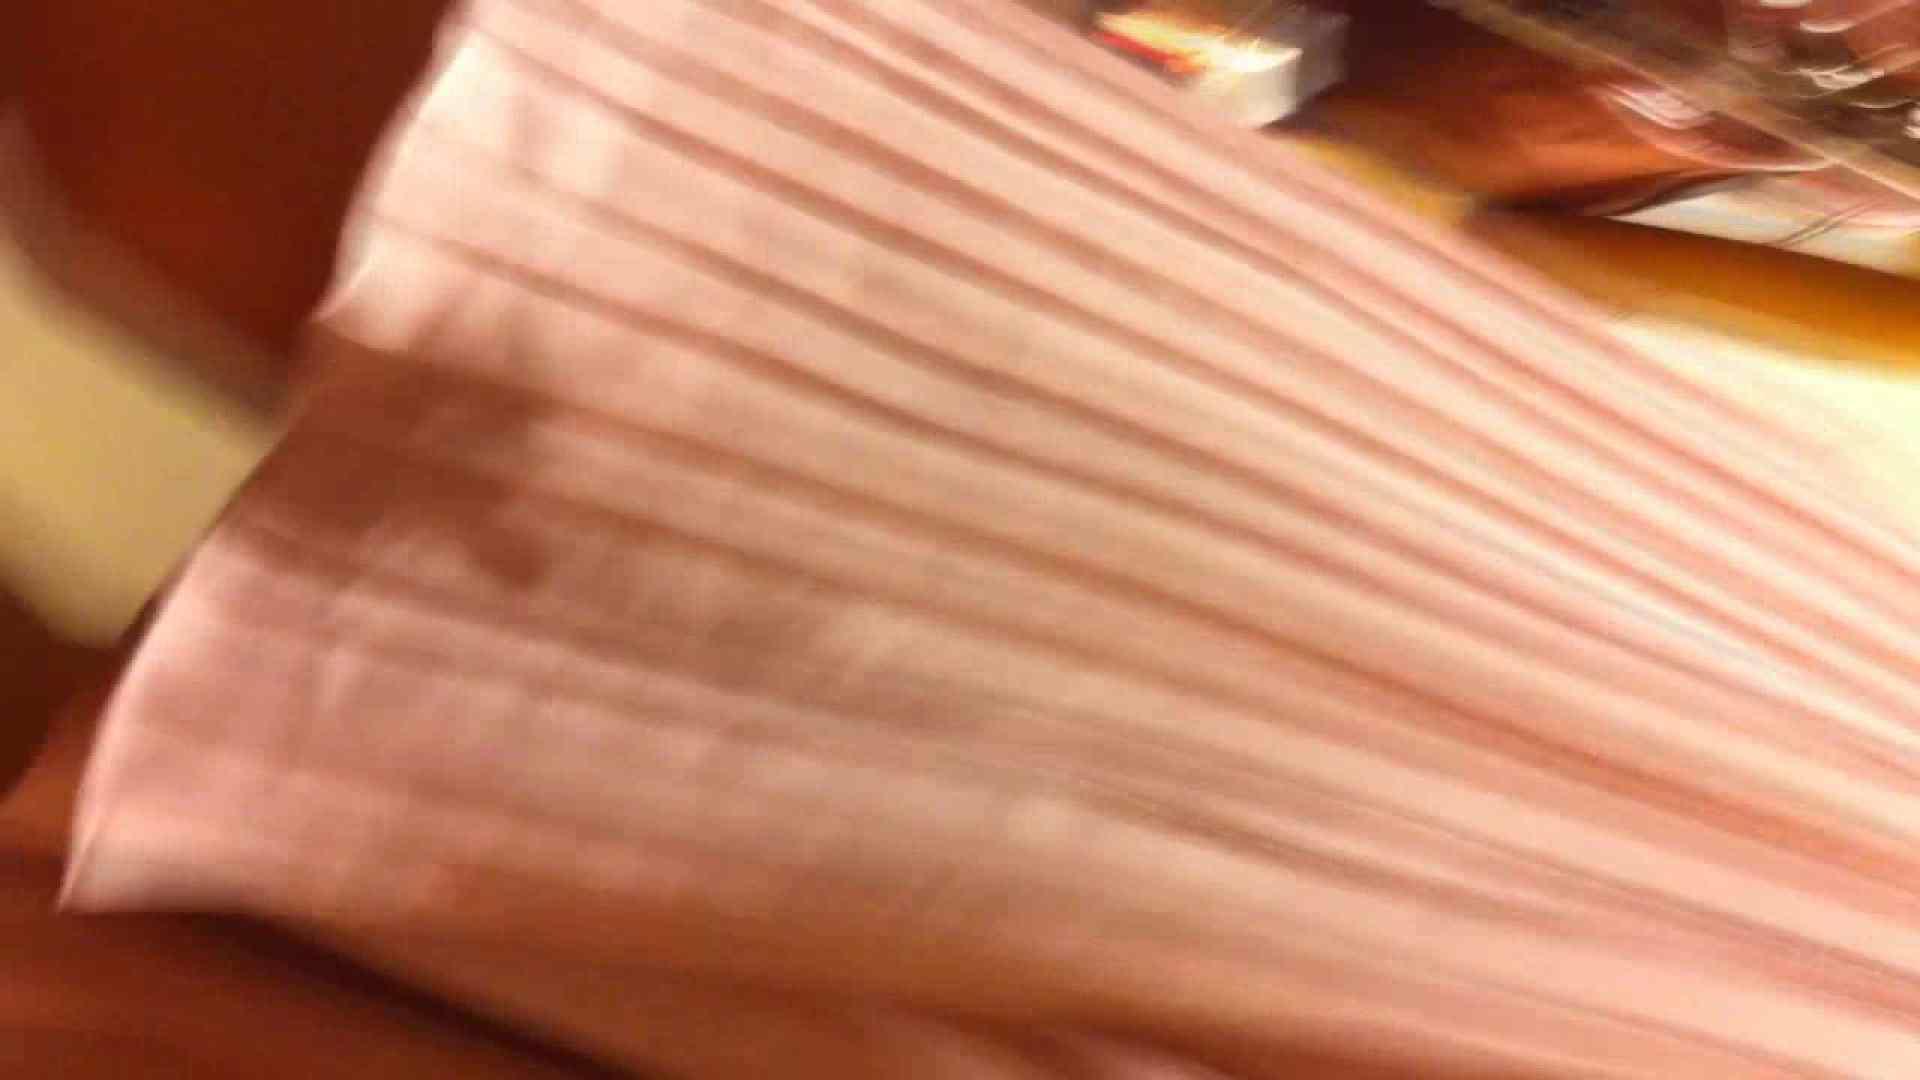 フルHD ショップ店員千人斬り! 大画面ノーカット完全版 vol.15 胸チラ おめこ無修正画像 107PIX 103